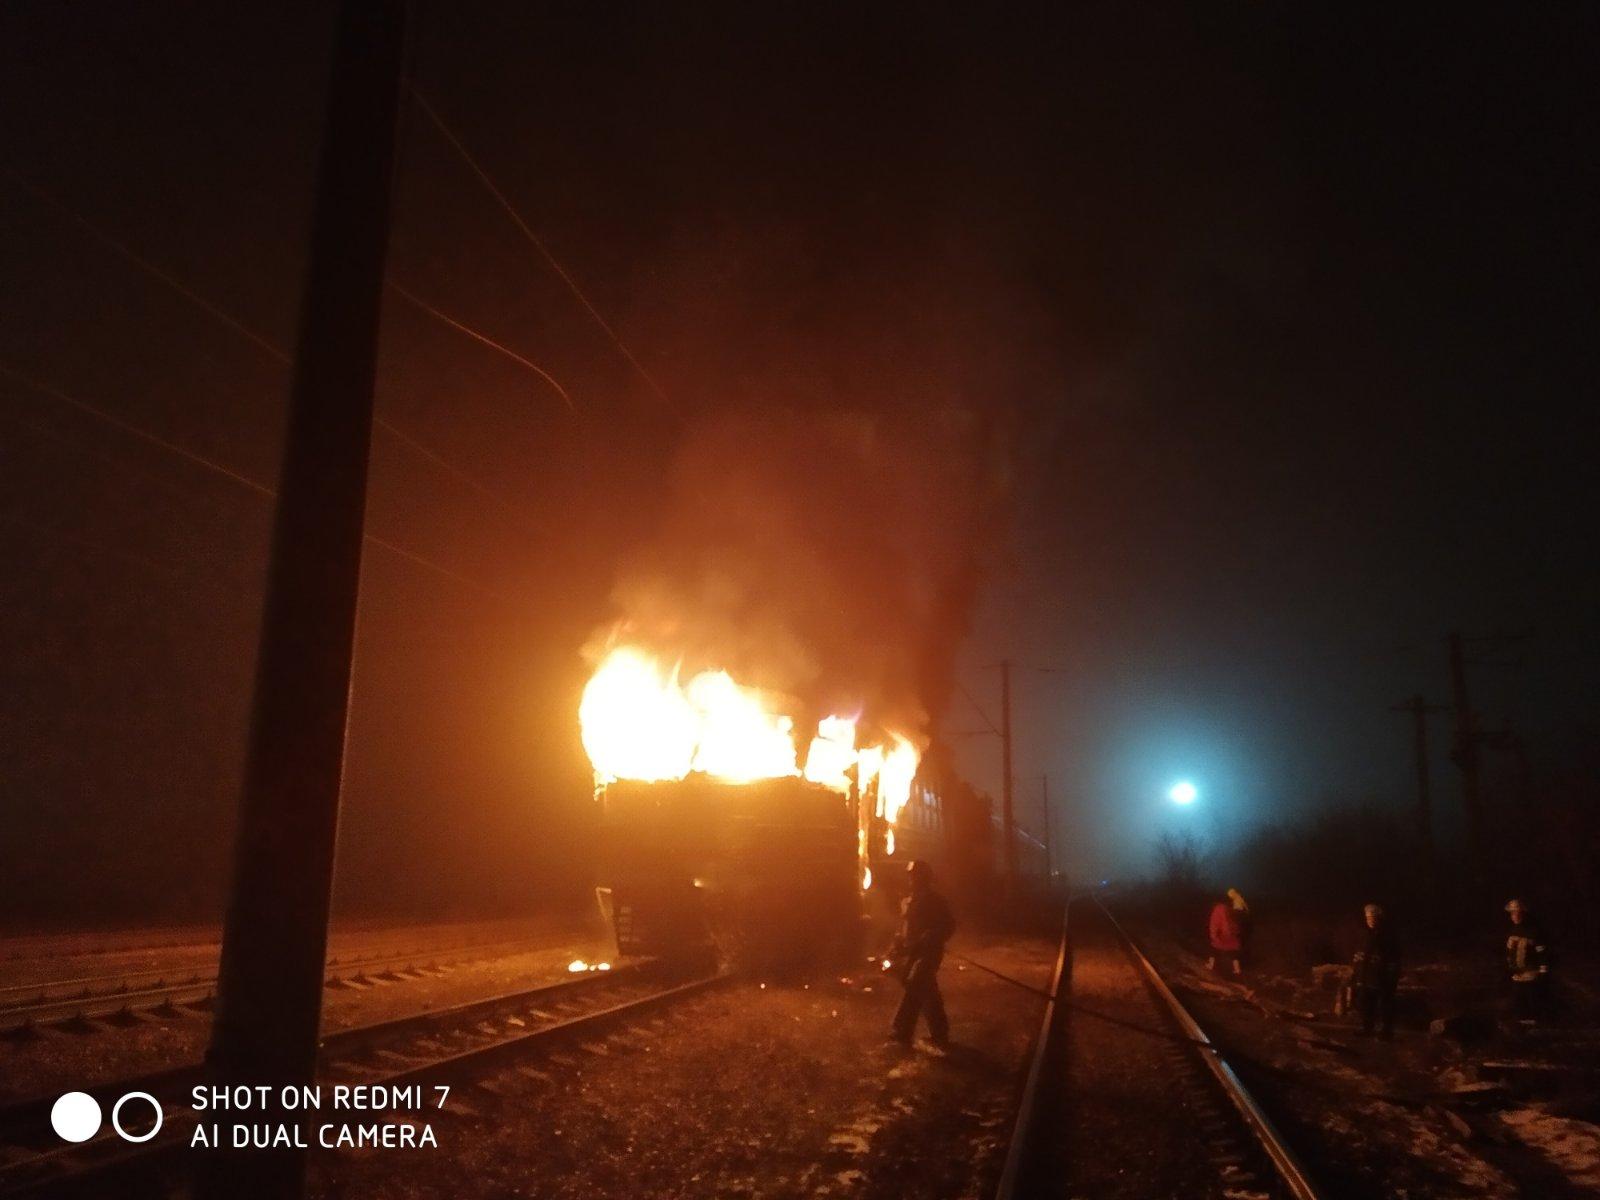 Яготин: пожежні загасили палаючий електропотяг (відео) - загорання, електрички - 0 02 05 d688f535976621713ffd46e874e25e985affb30d3fd236315889d6e20c025502 4a63791a